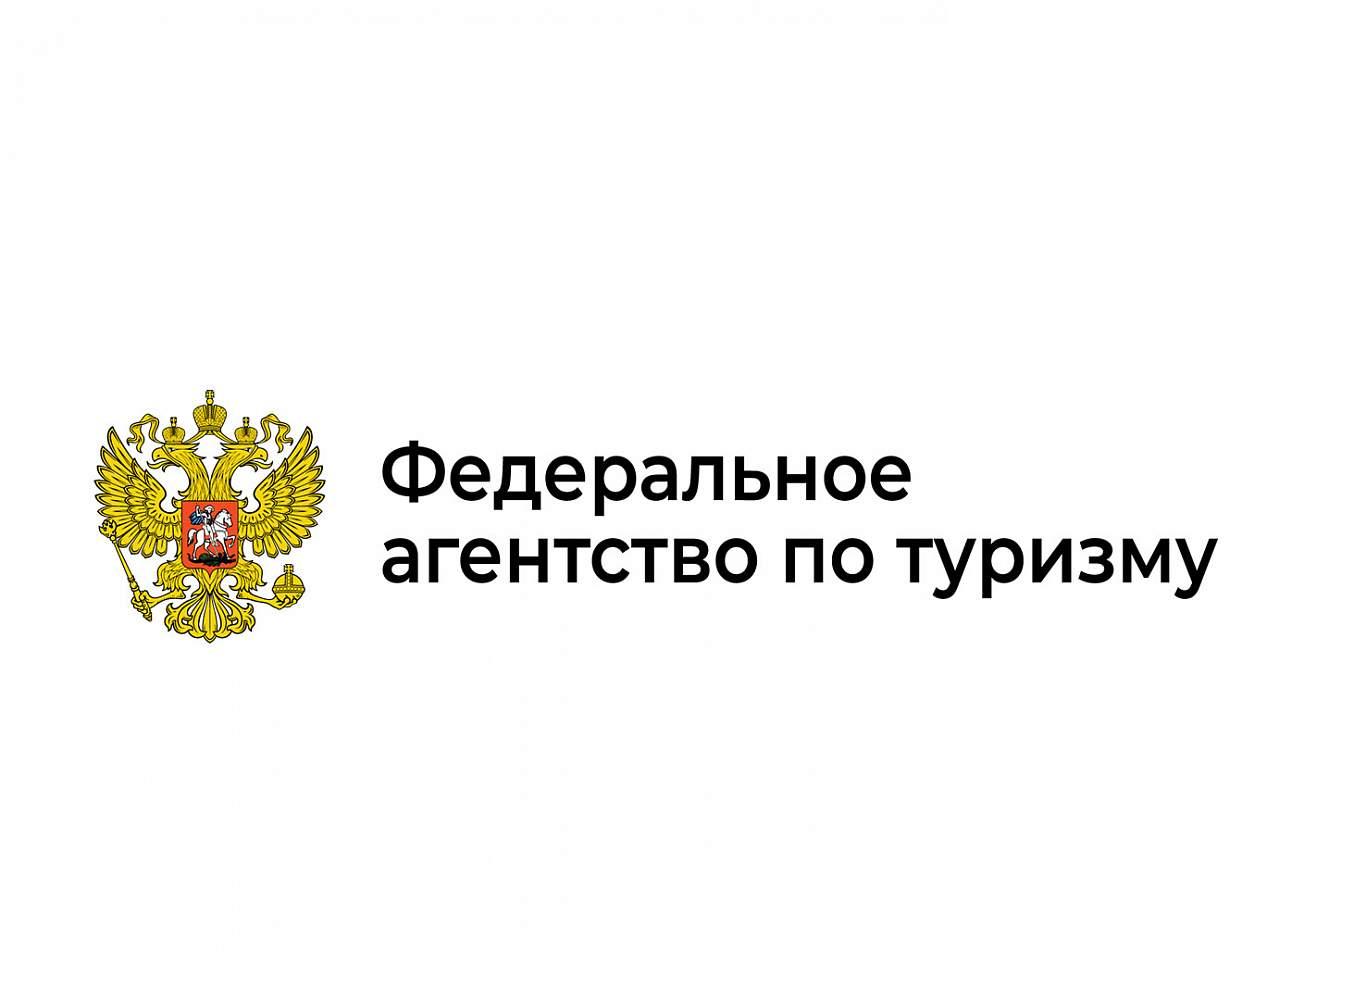 Когда в мае 2021 откроются чартеры в Египет россиянам туристам - последние новости